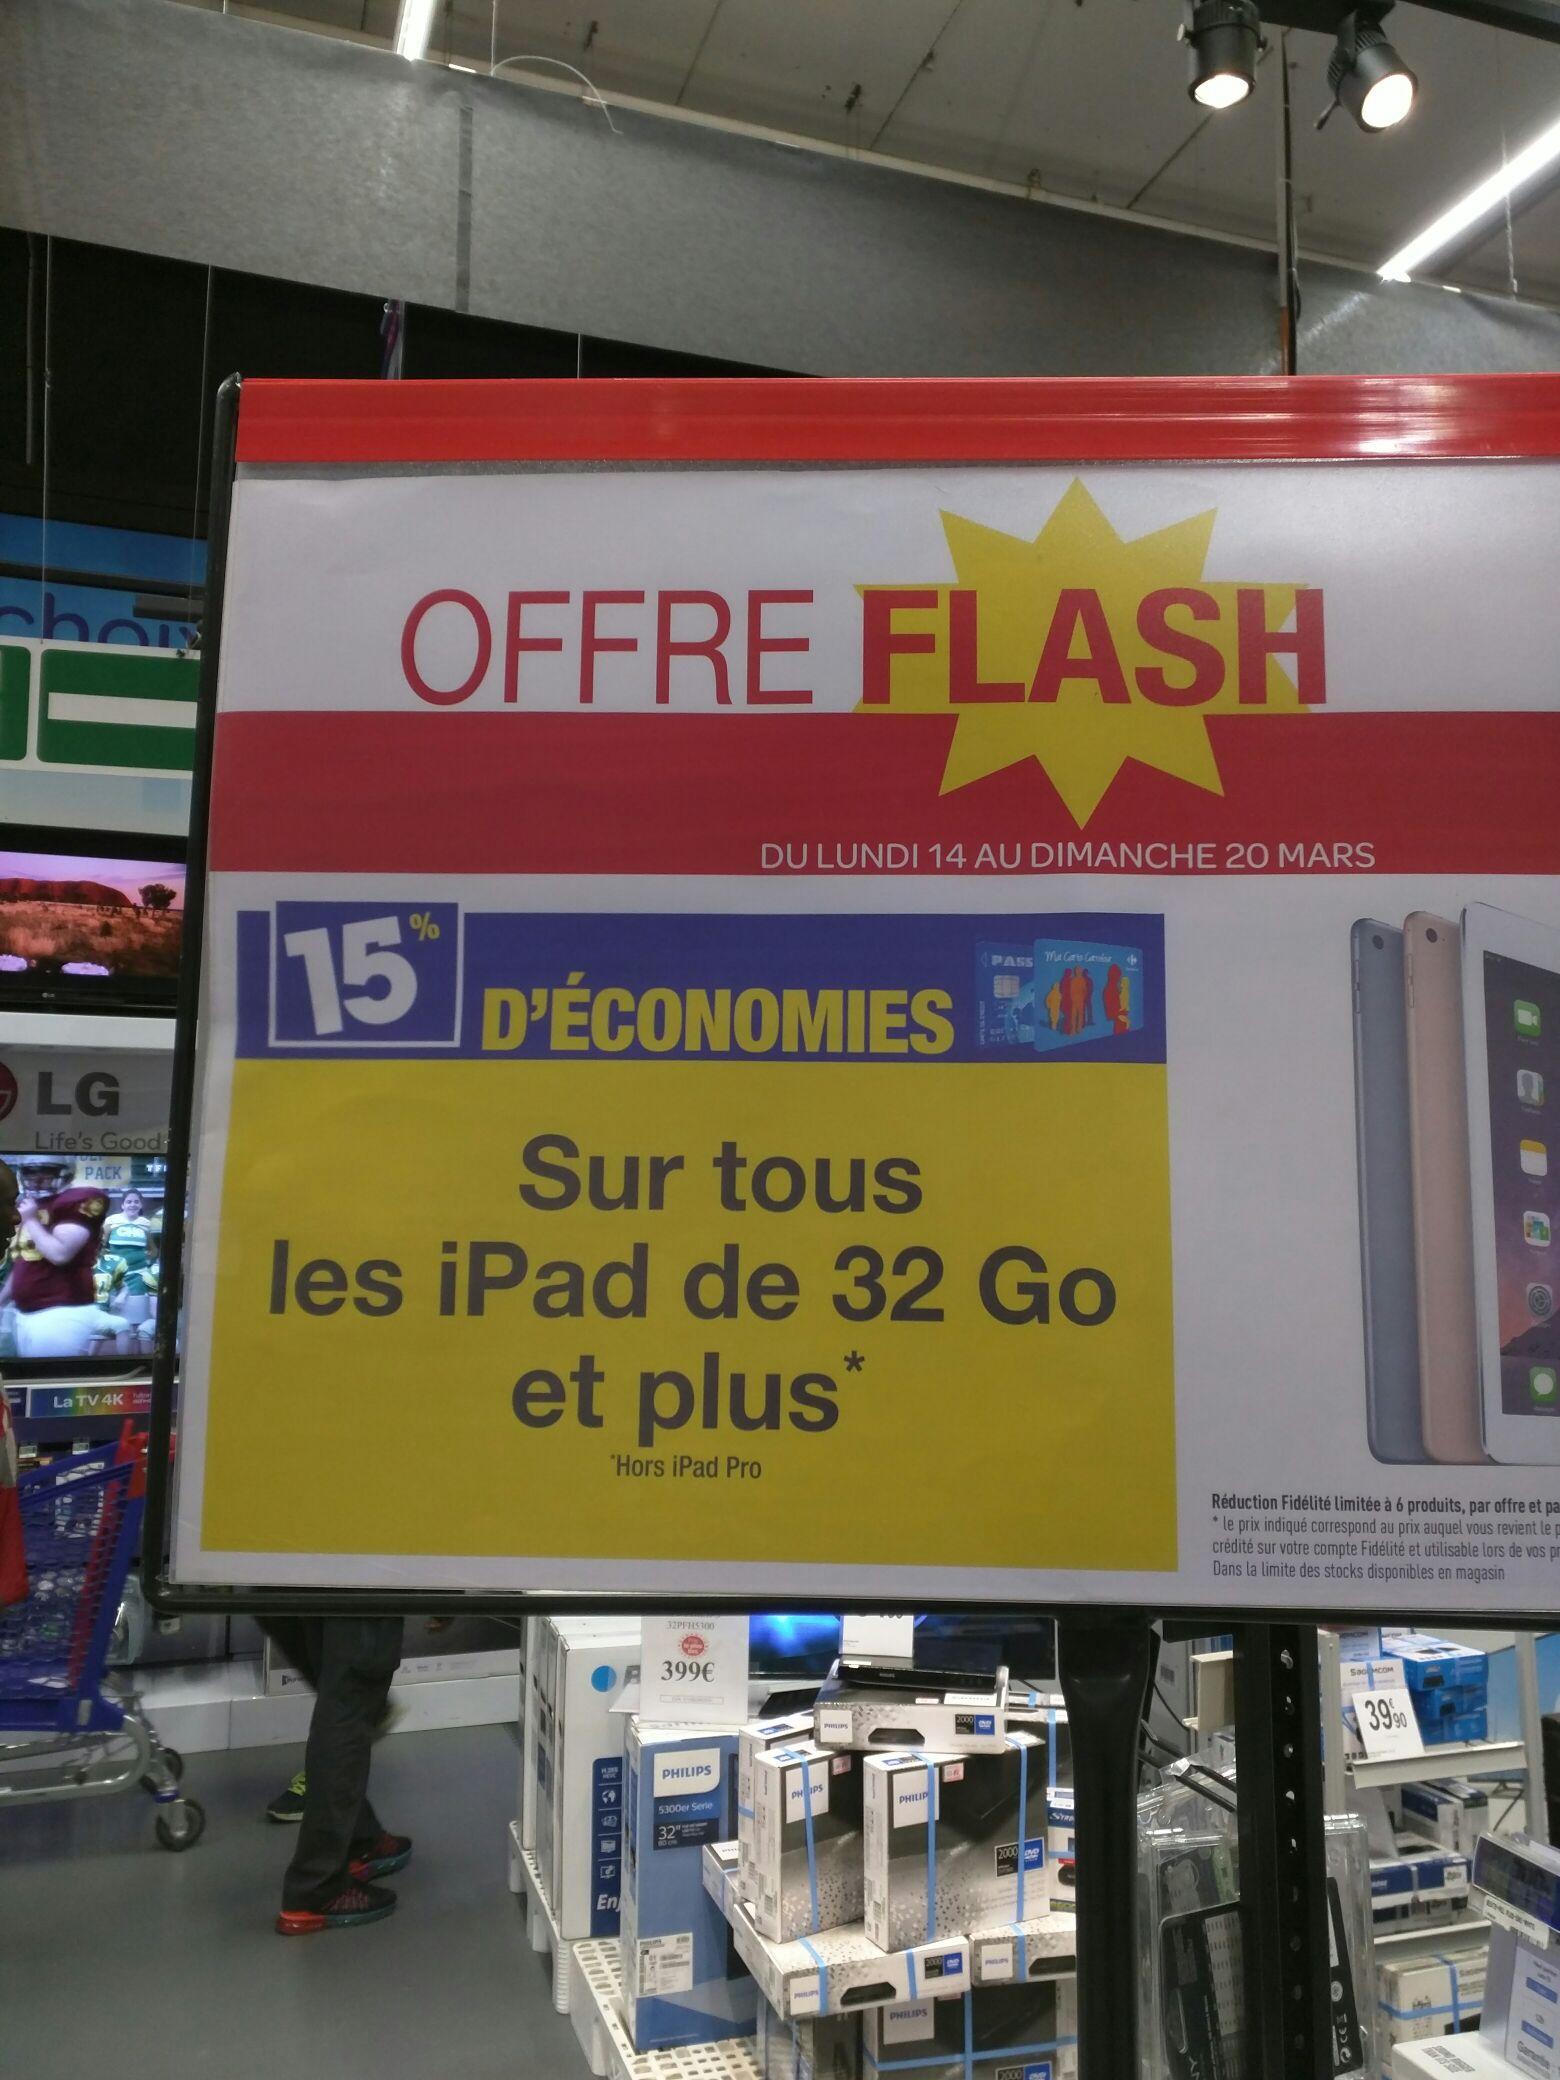 [Carte Carrefour] 15% de remise sur tous les iPad de 32 Go et plus (hors iPad Pro)